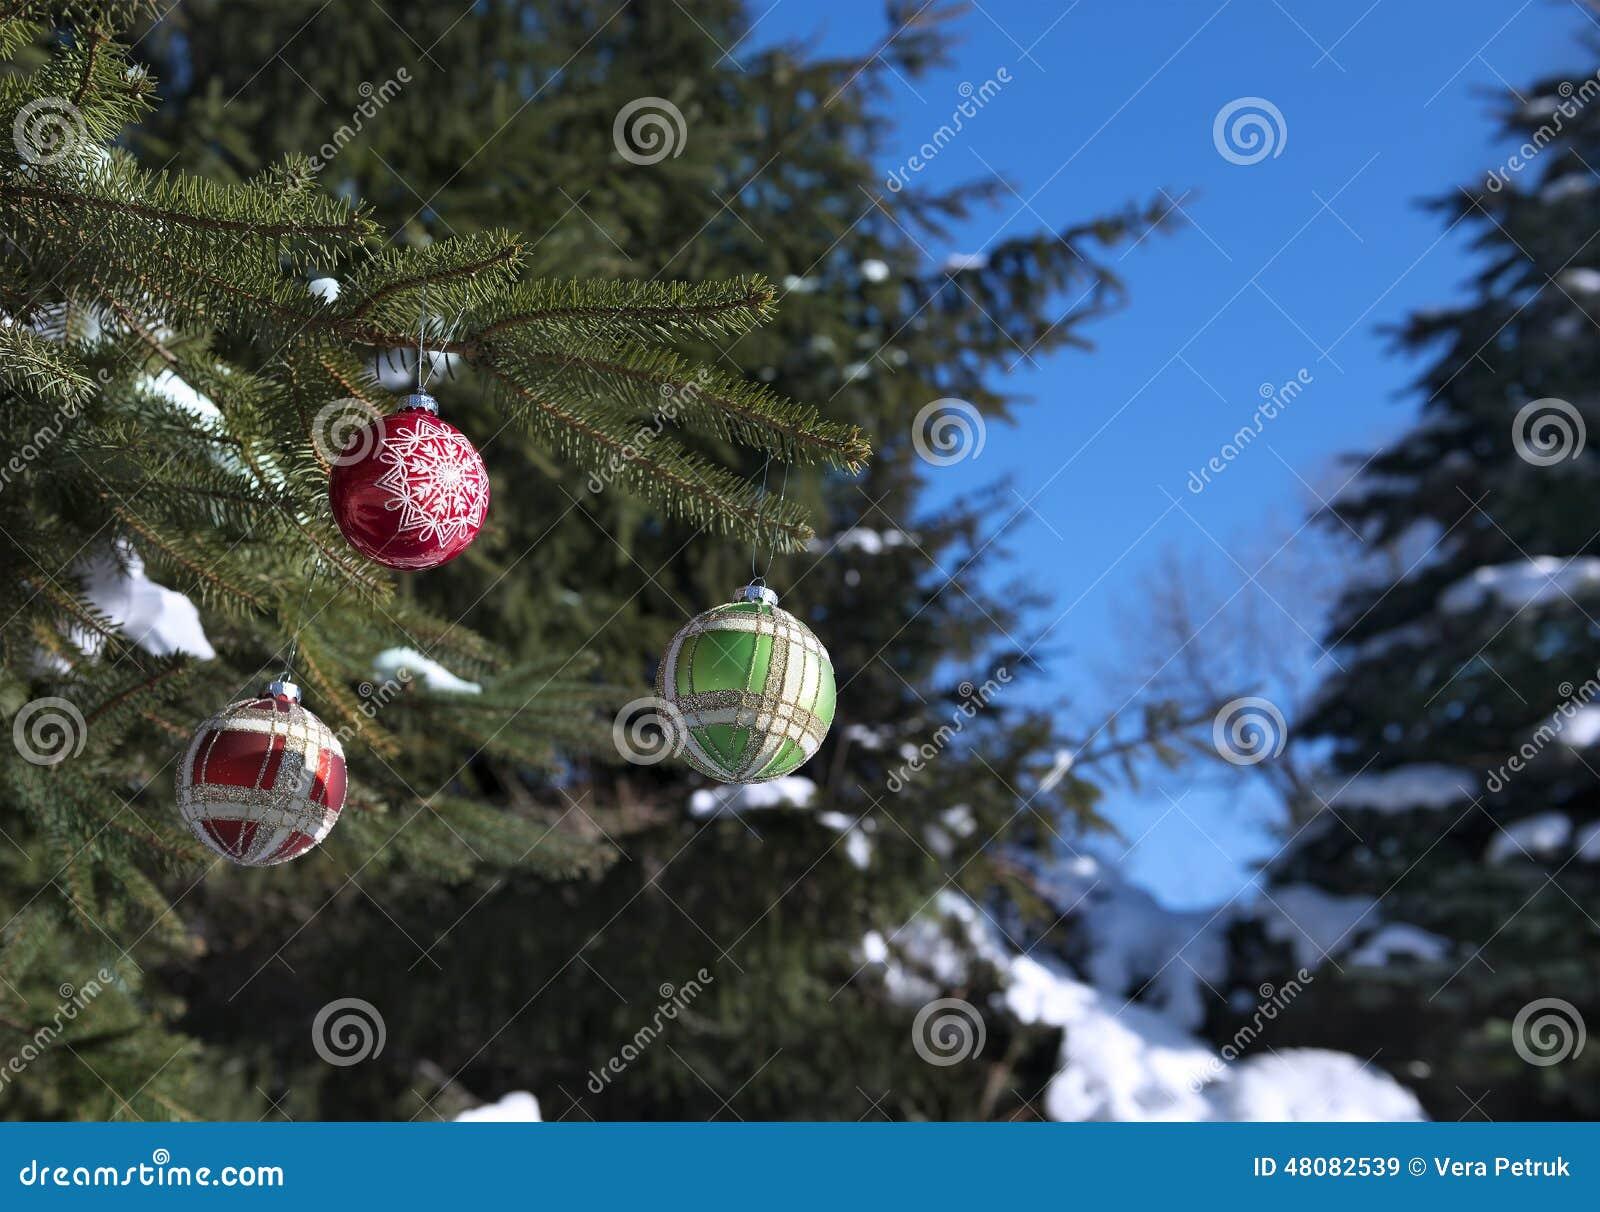 Decoratie op spar in het bos stock afbeelding afbeelding 48082539 - Decoratie foto ...